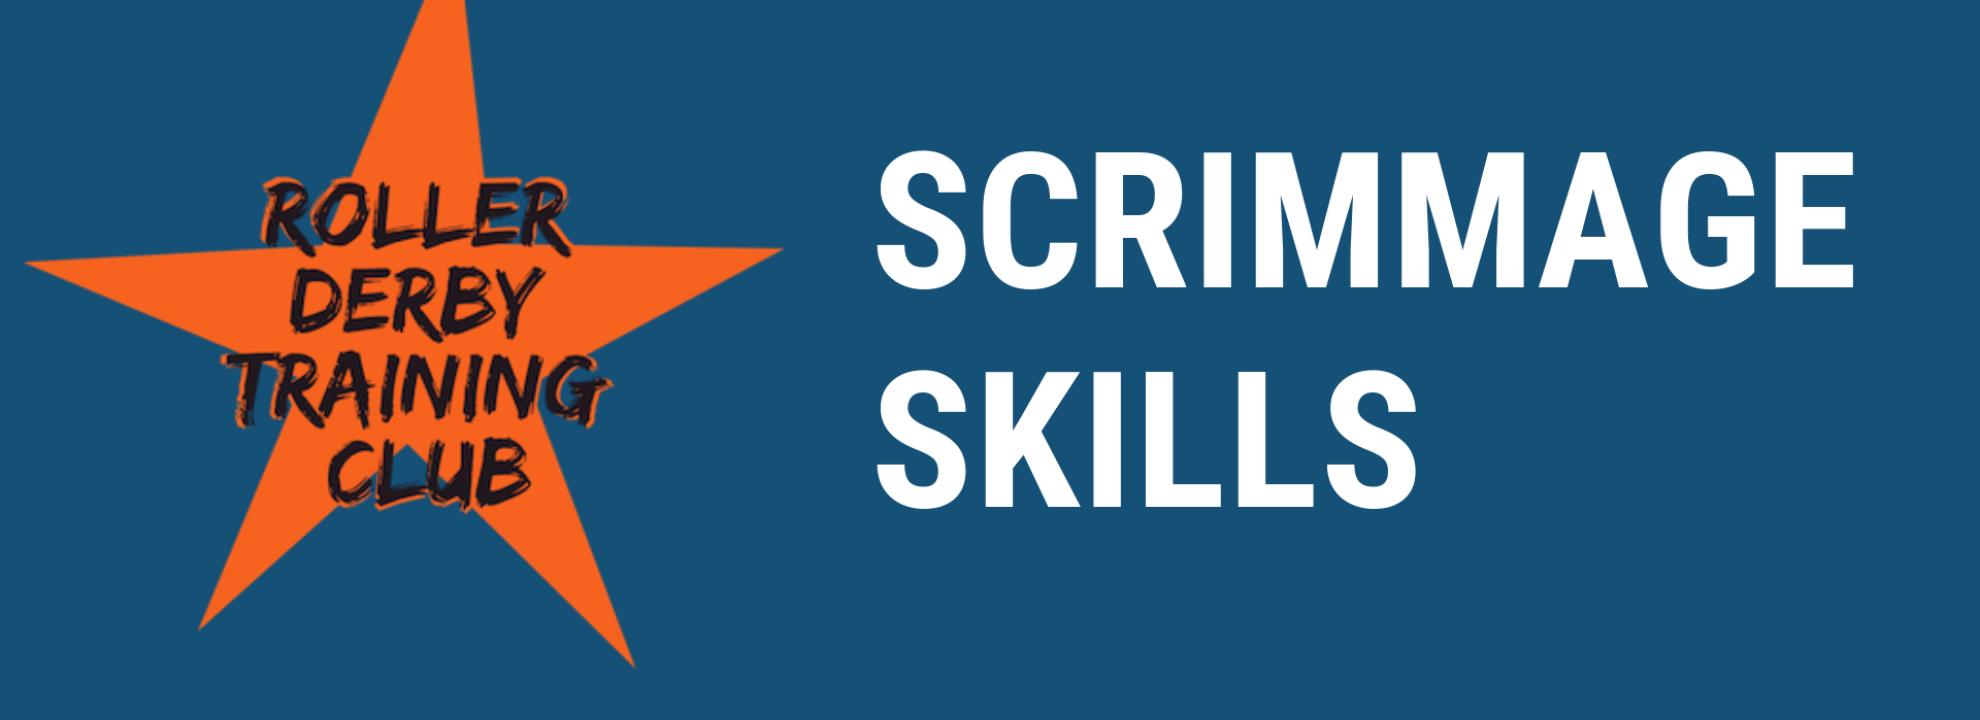 Scrimmage Skills (Roller Derby) Banner